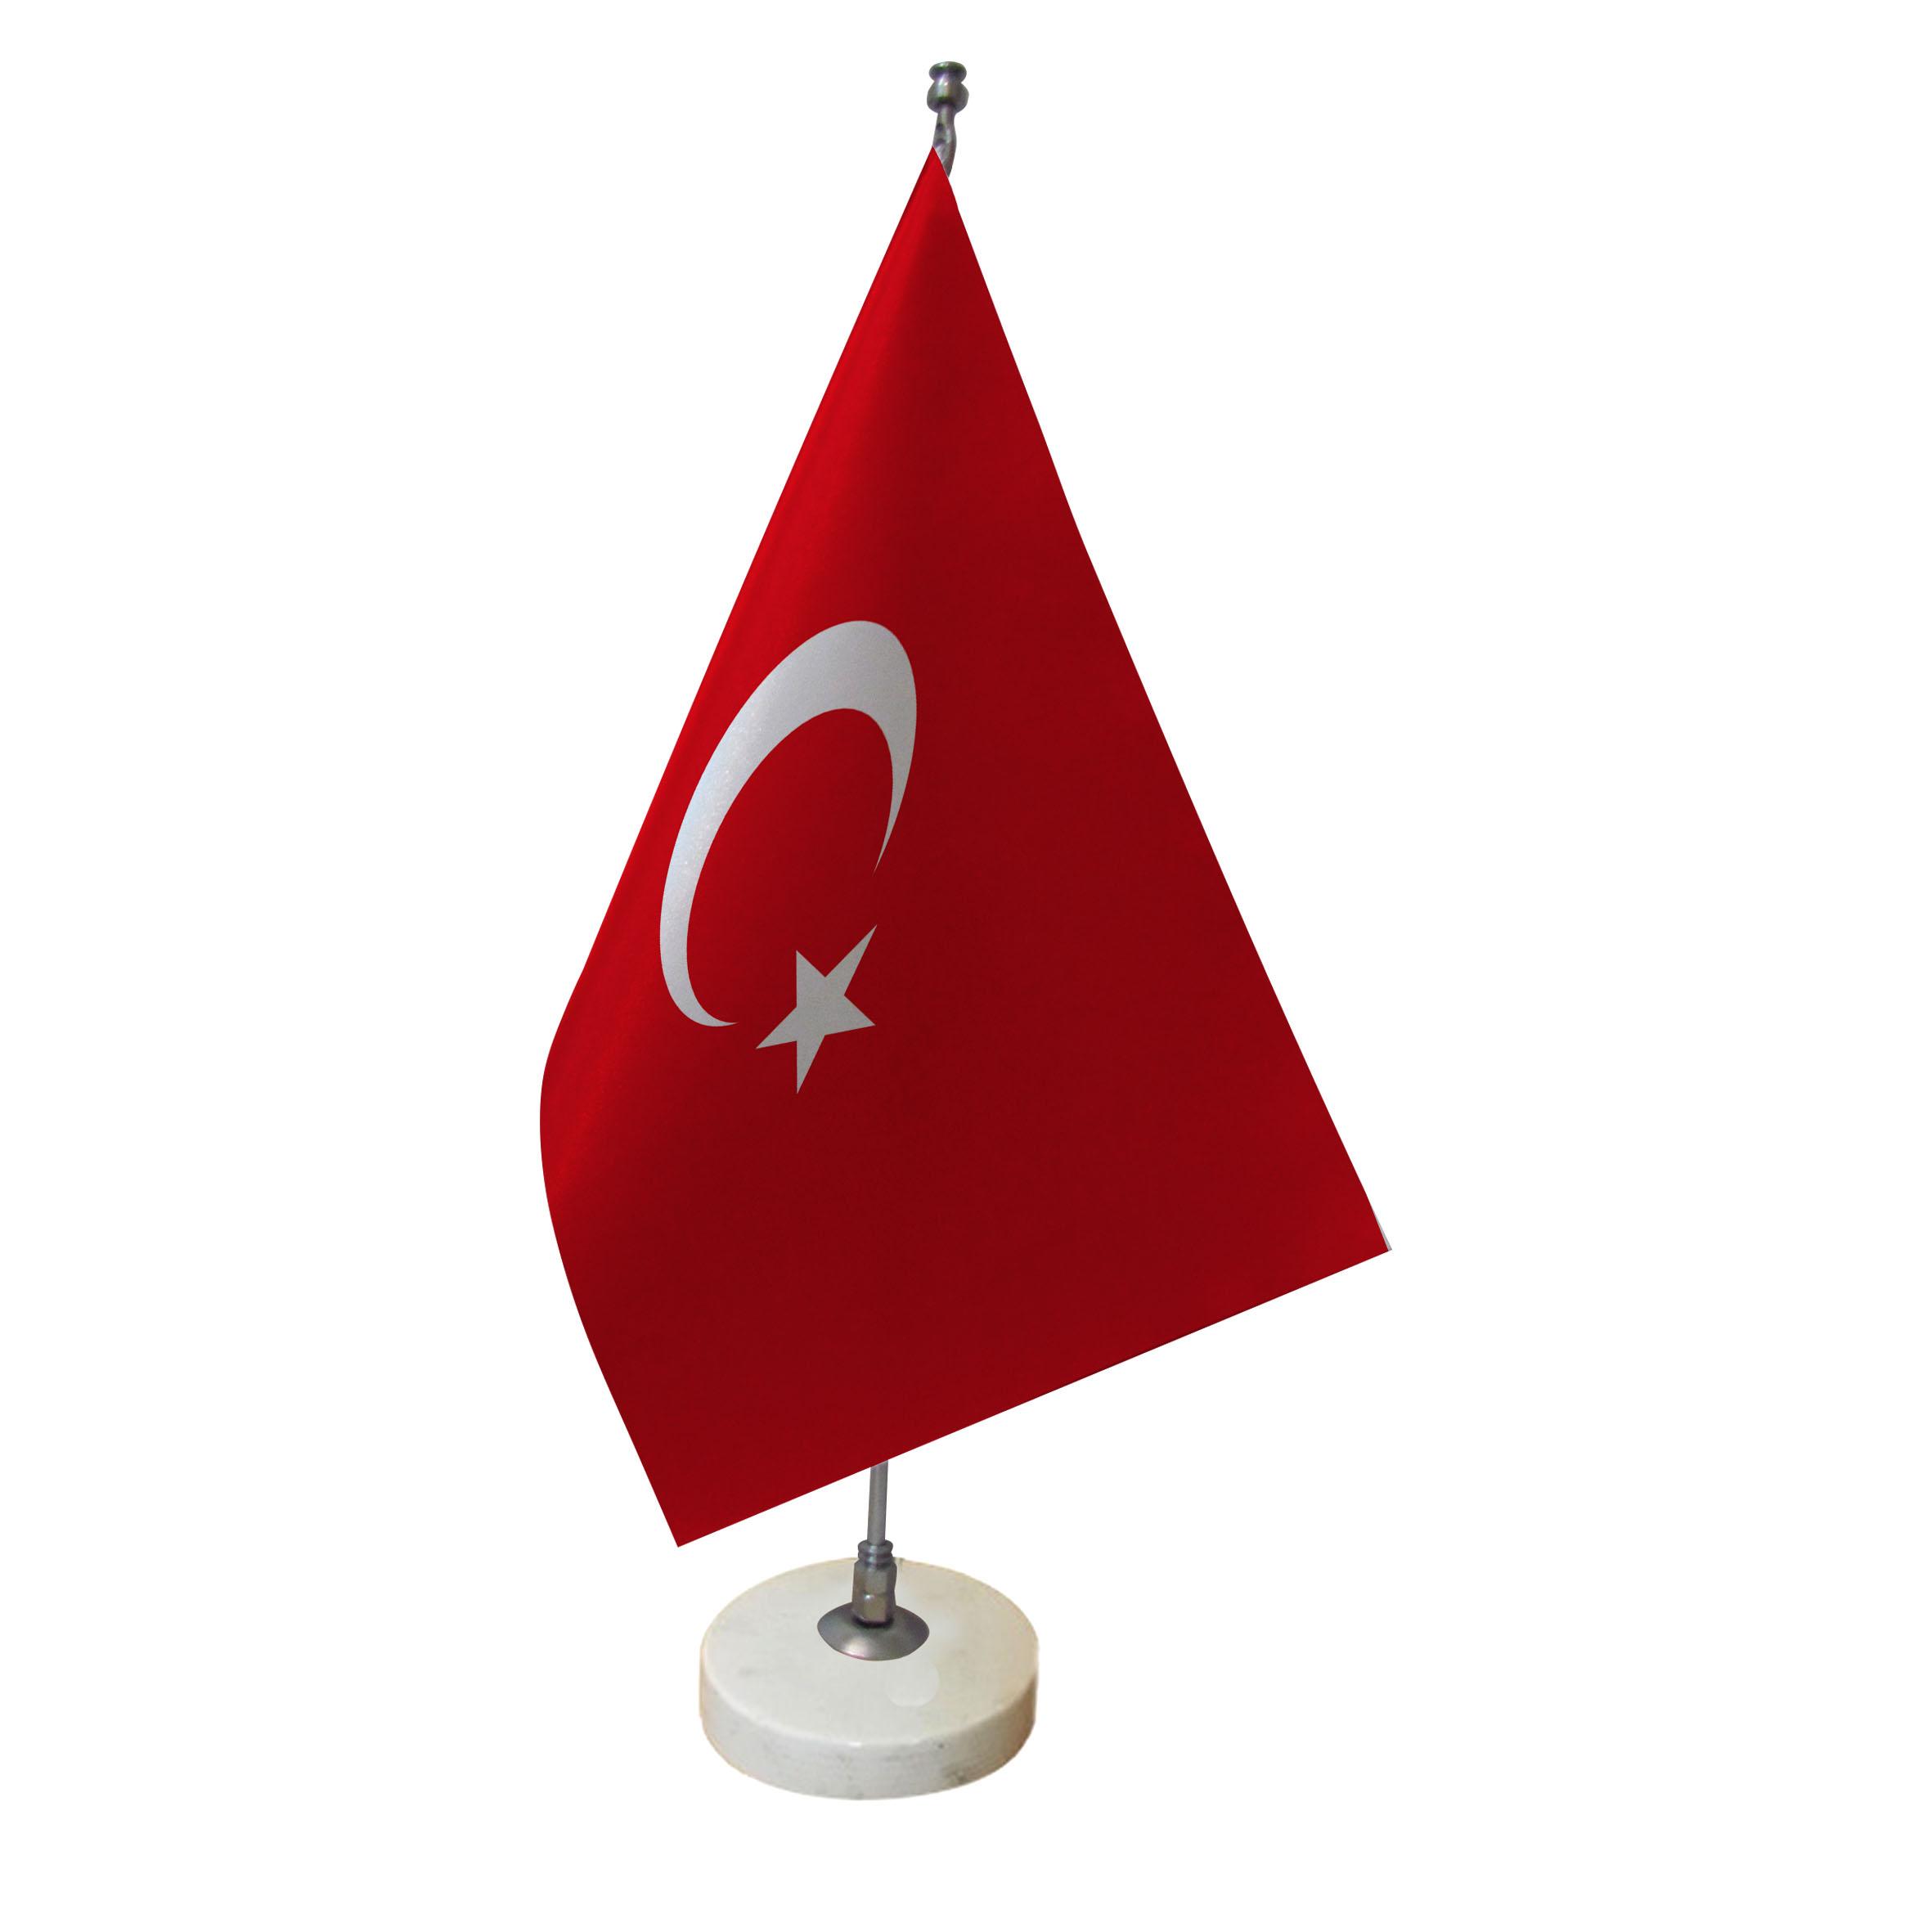 پرچم رومیزی طرح پرچم ترکیه کد pr1